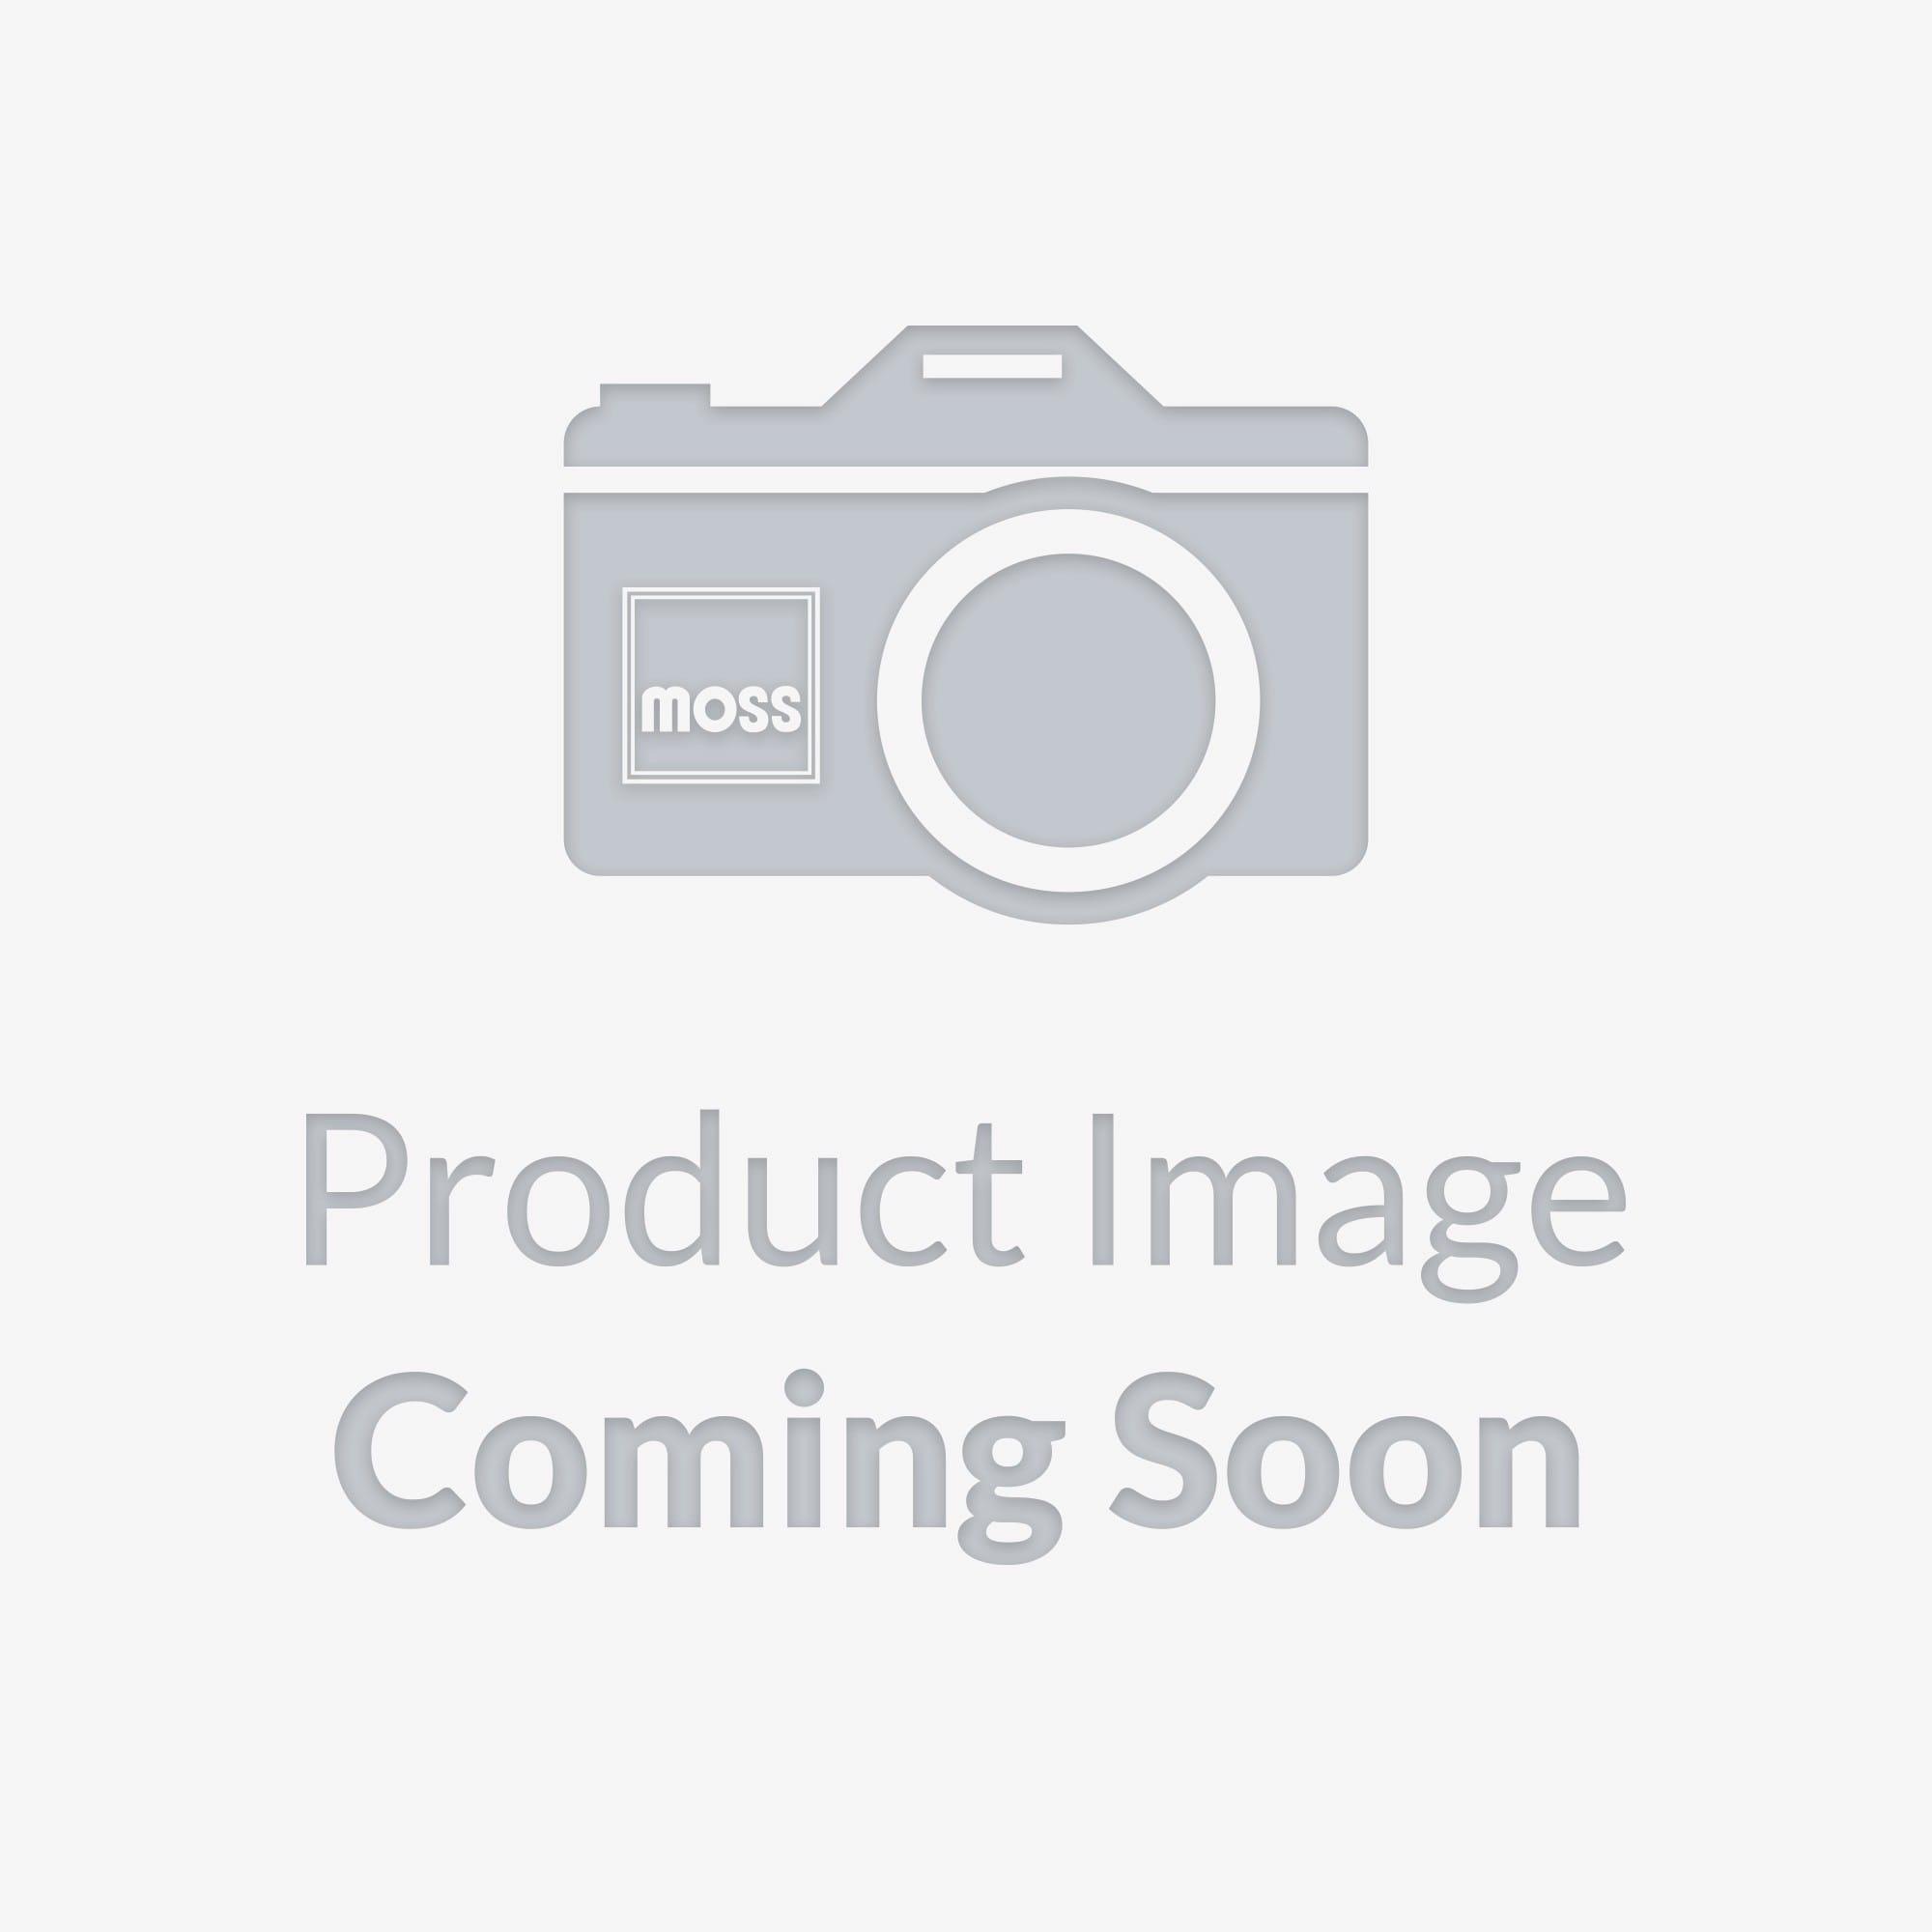 Moss Motors Miata Car Cover